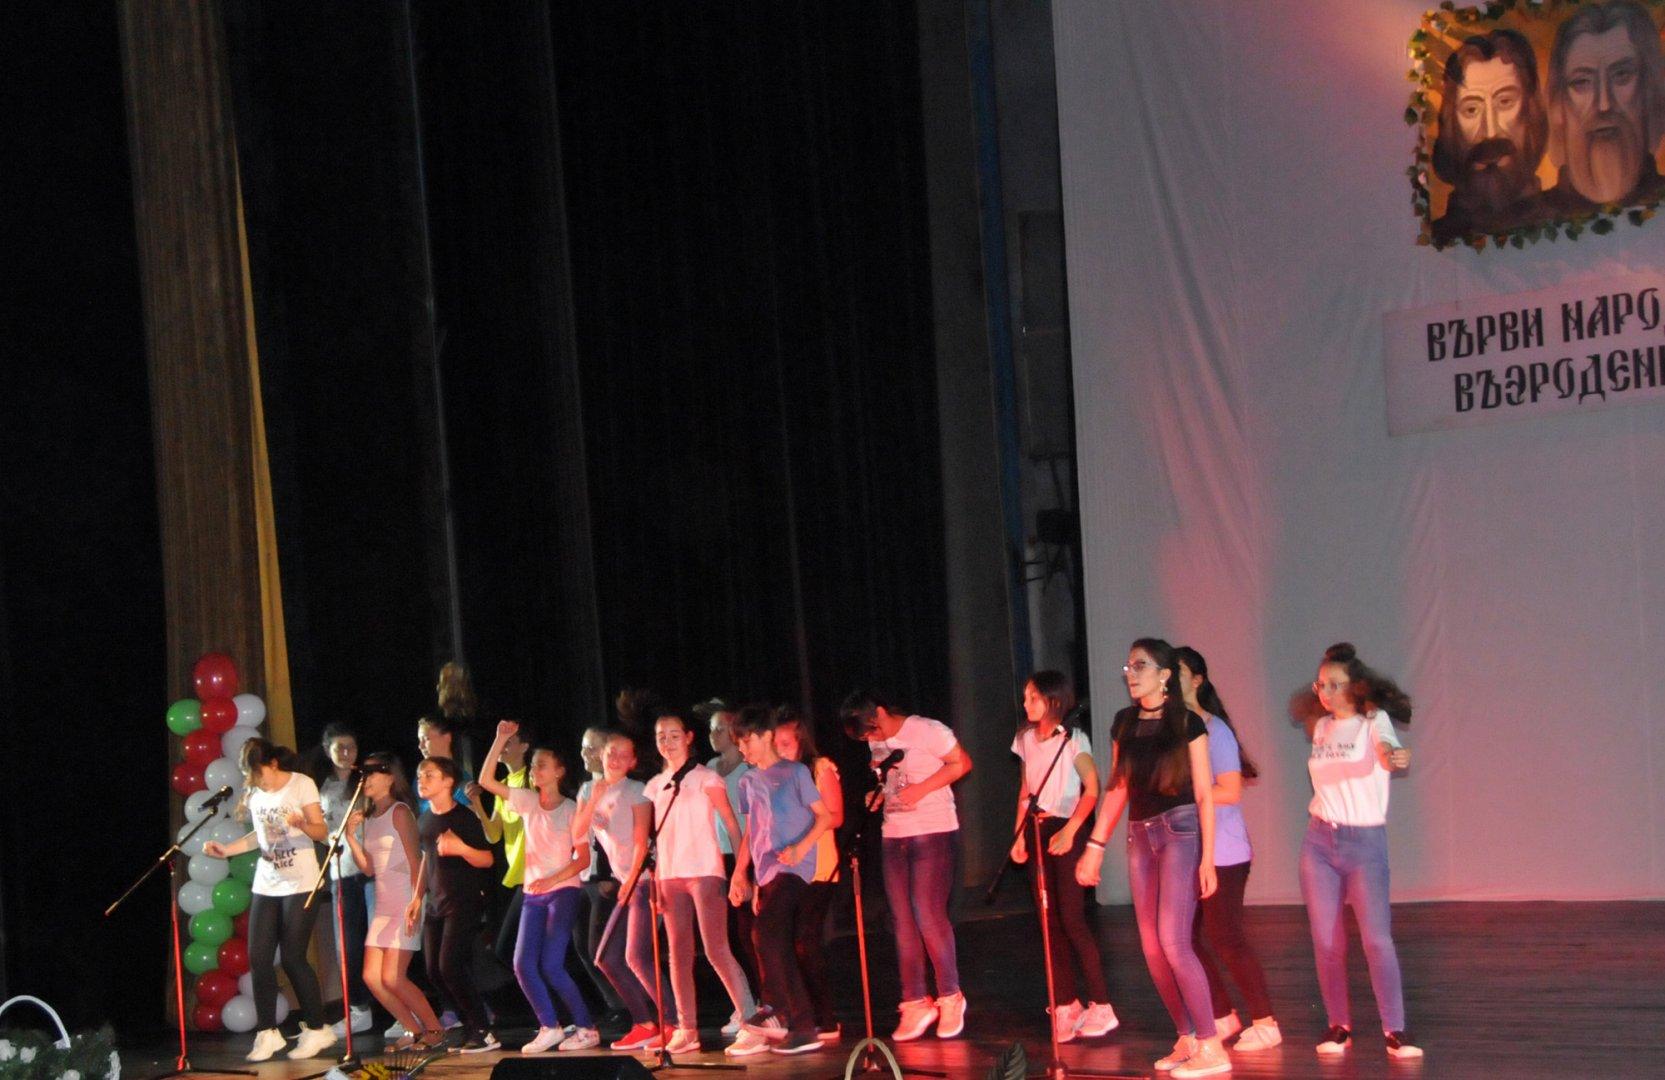 Децата от училището показаха своите таланти по време на концерта. Снимки Лина Главинова